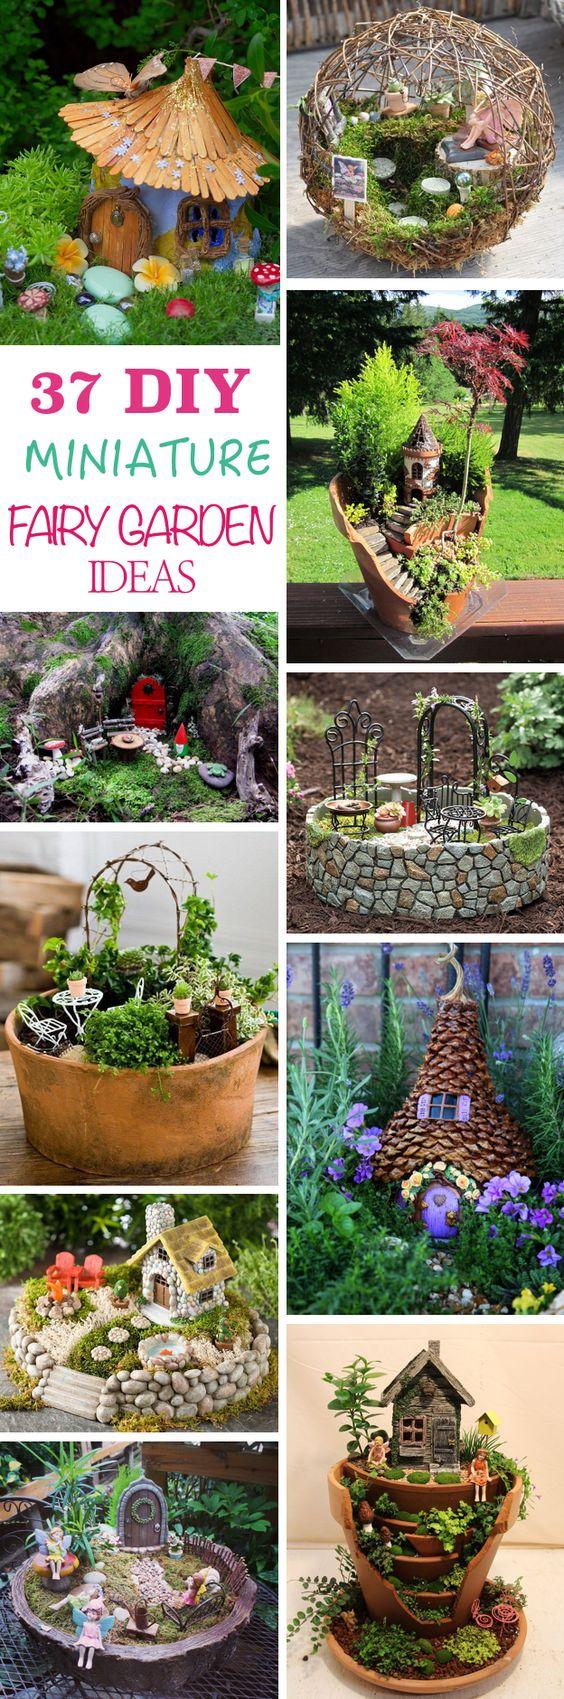 了解如何制作一个DIY迷你童话花园,并为这个迷人而迷人的花园潮流提供创意,适合儿童和成人。破盆仙子花园烧盆?通过thewhoot.com.au2制作一个童话花园!与CastleDIY的童话花园通过www.soycarmin.com3重复使用您的破碎的花盆制作这个美丽的童话花园。 DIY闪闪发光的��滩石仙女HouseStock了